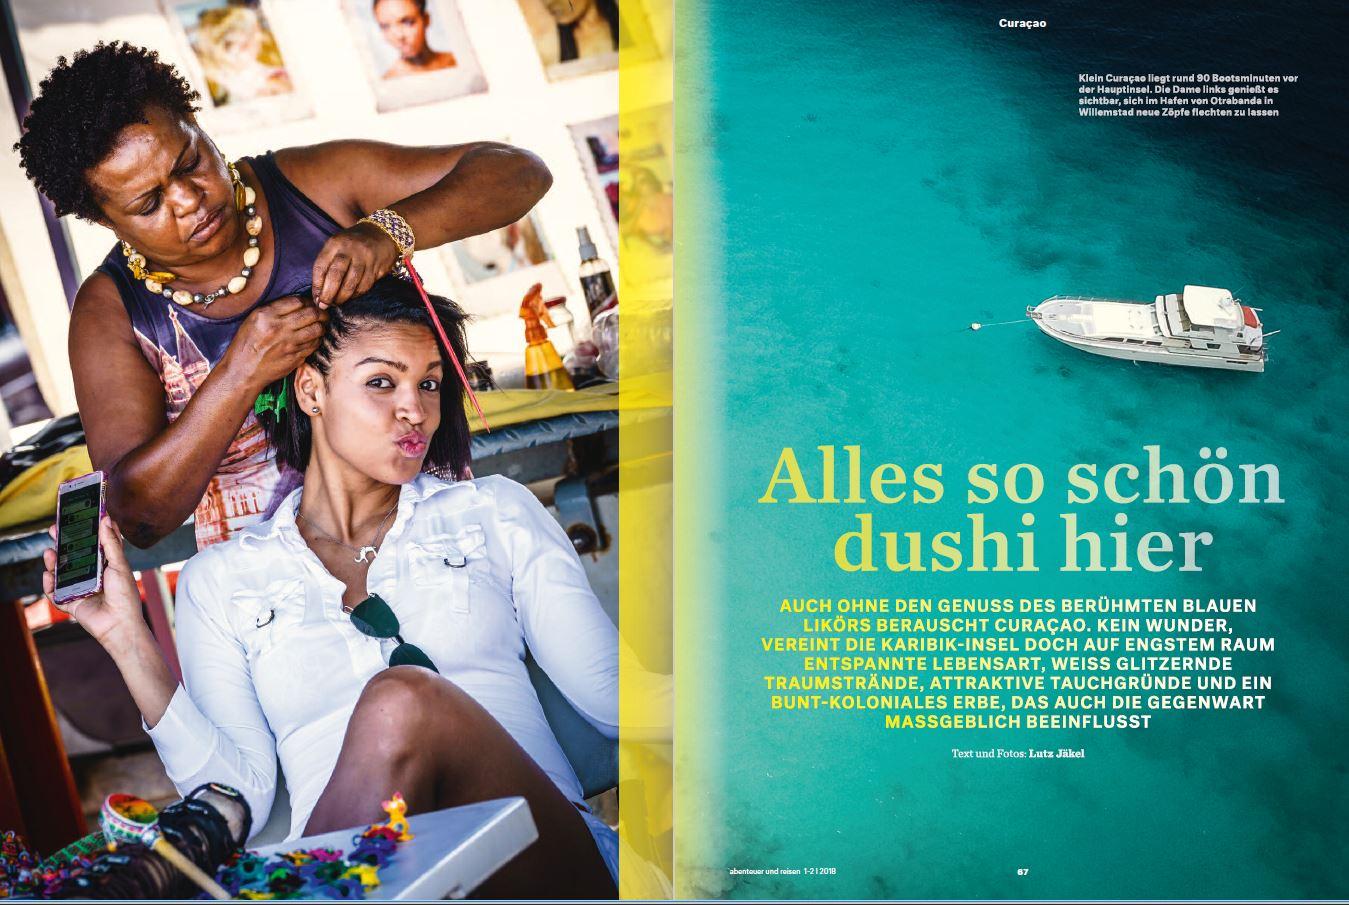 Curacao – Alles so schön duschi hier